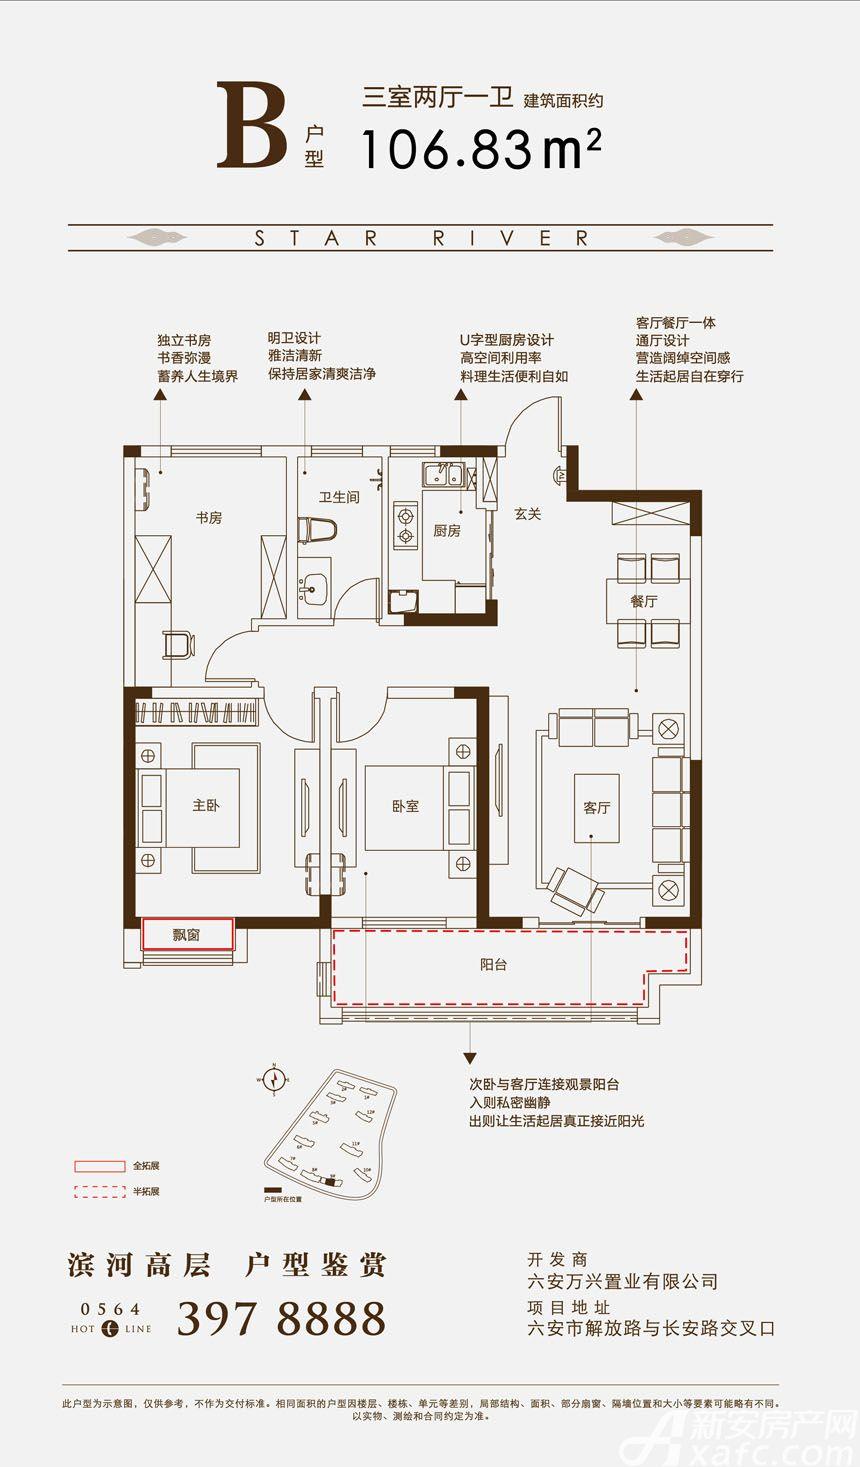 明月港湾雅苑B3室2厅106.83平米